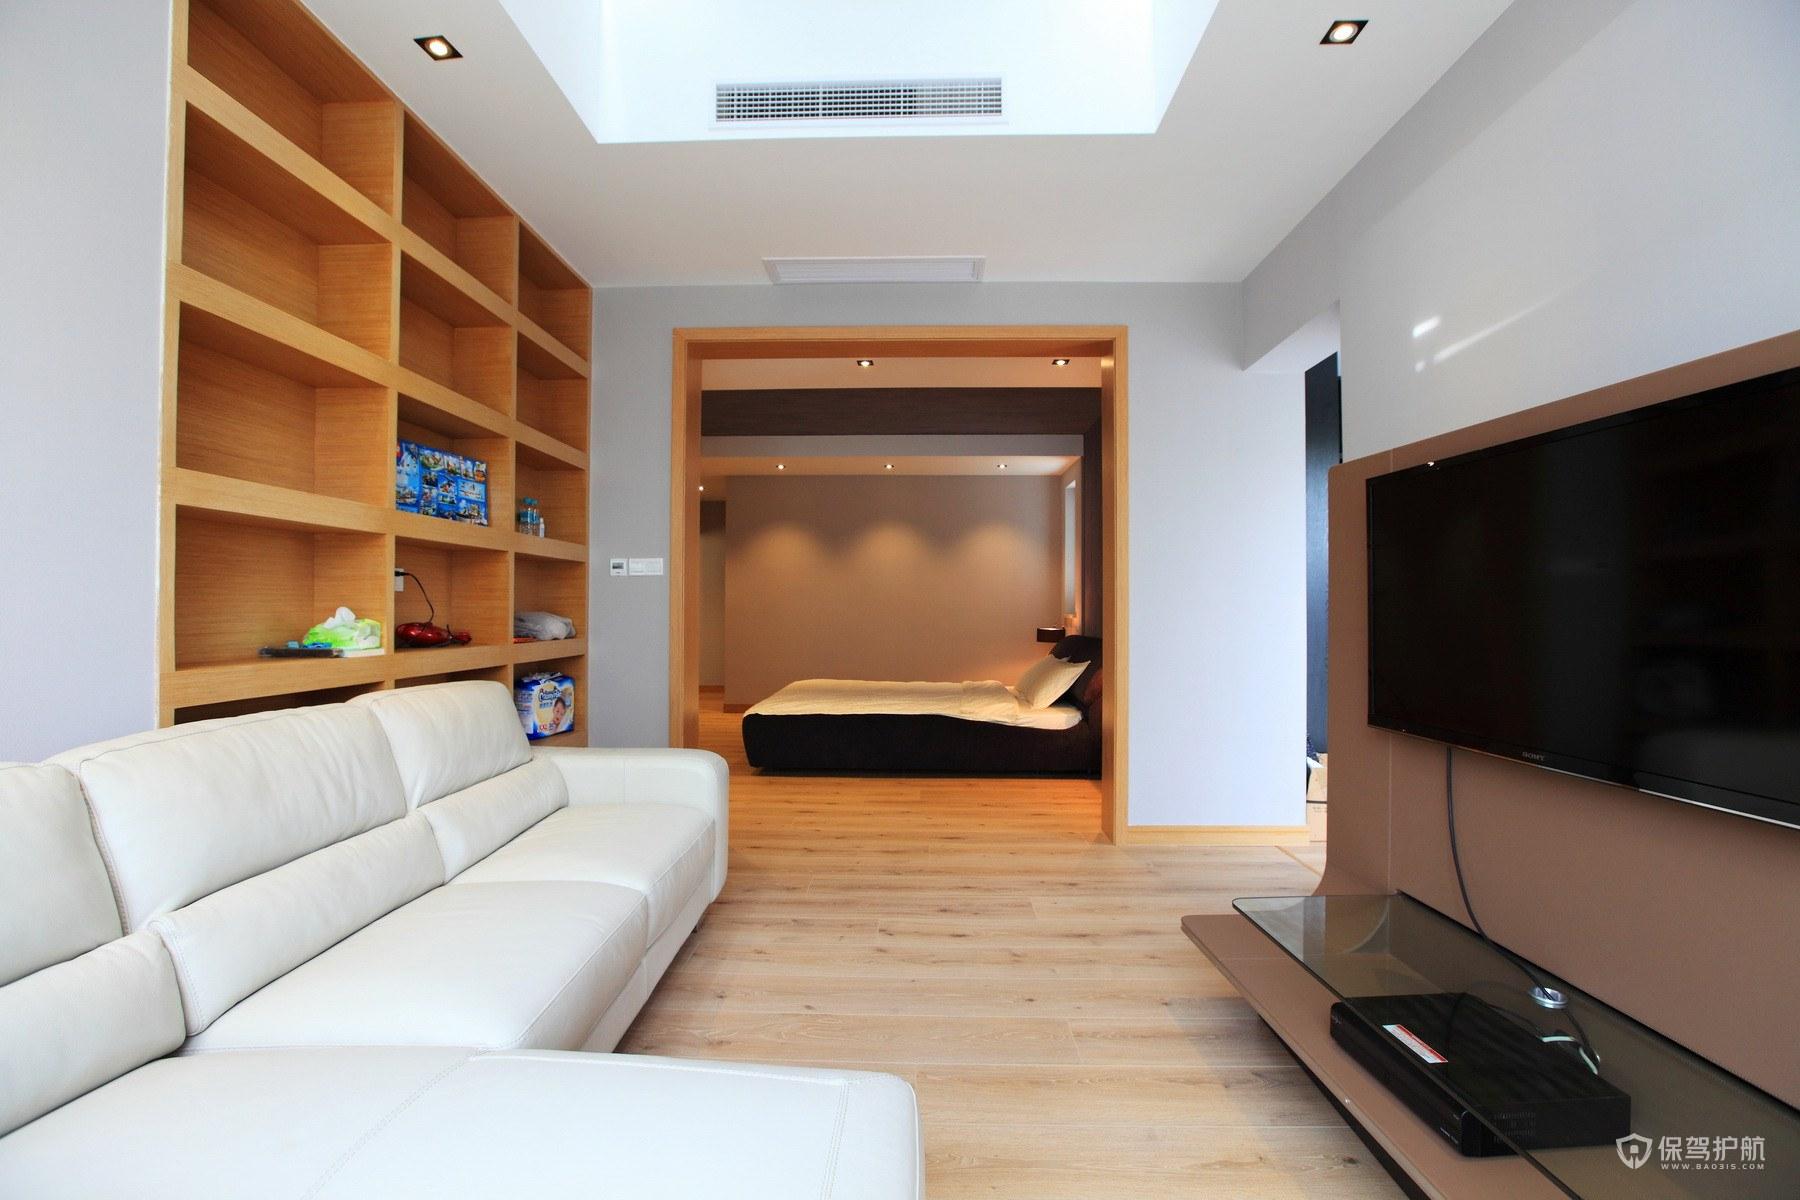 家装地板的种类有哪些?选择哪种最好?